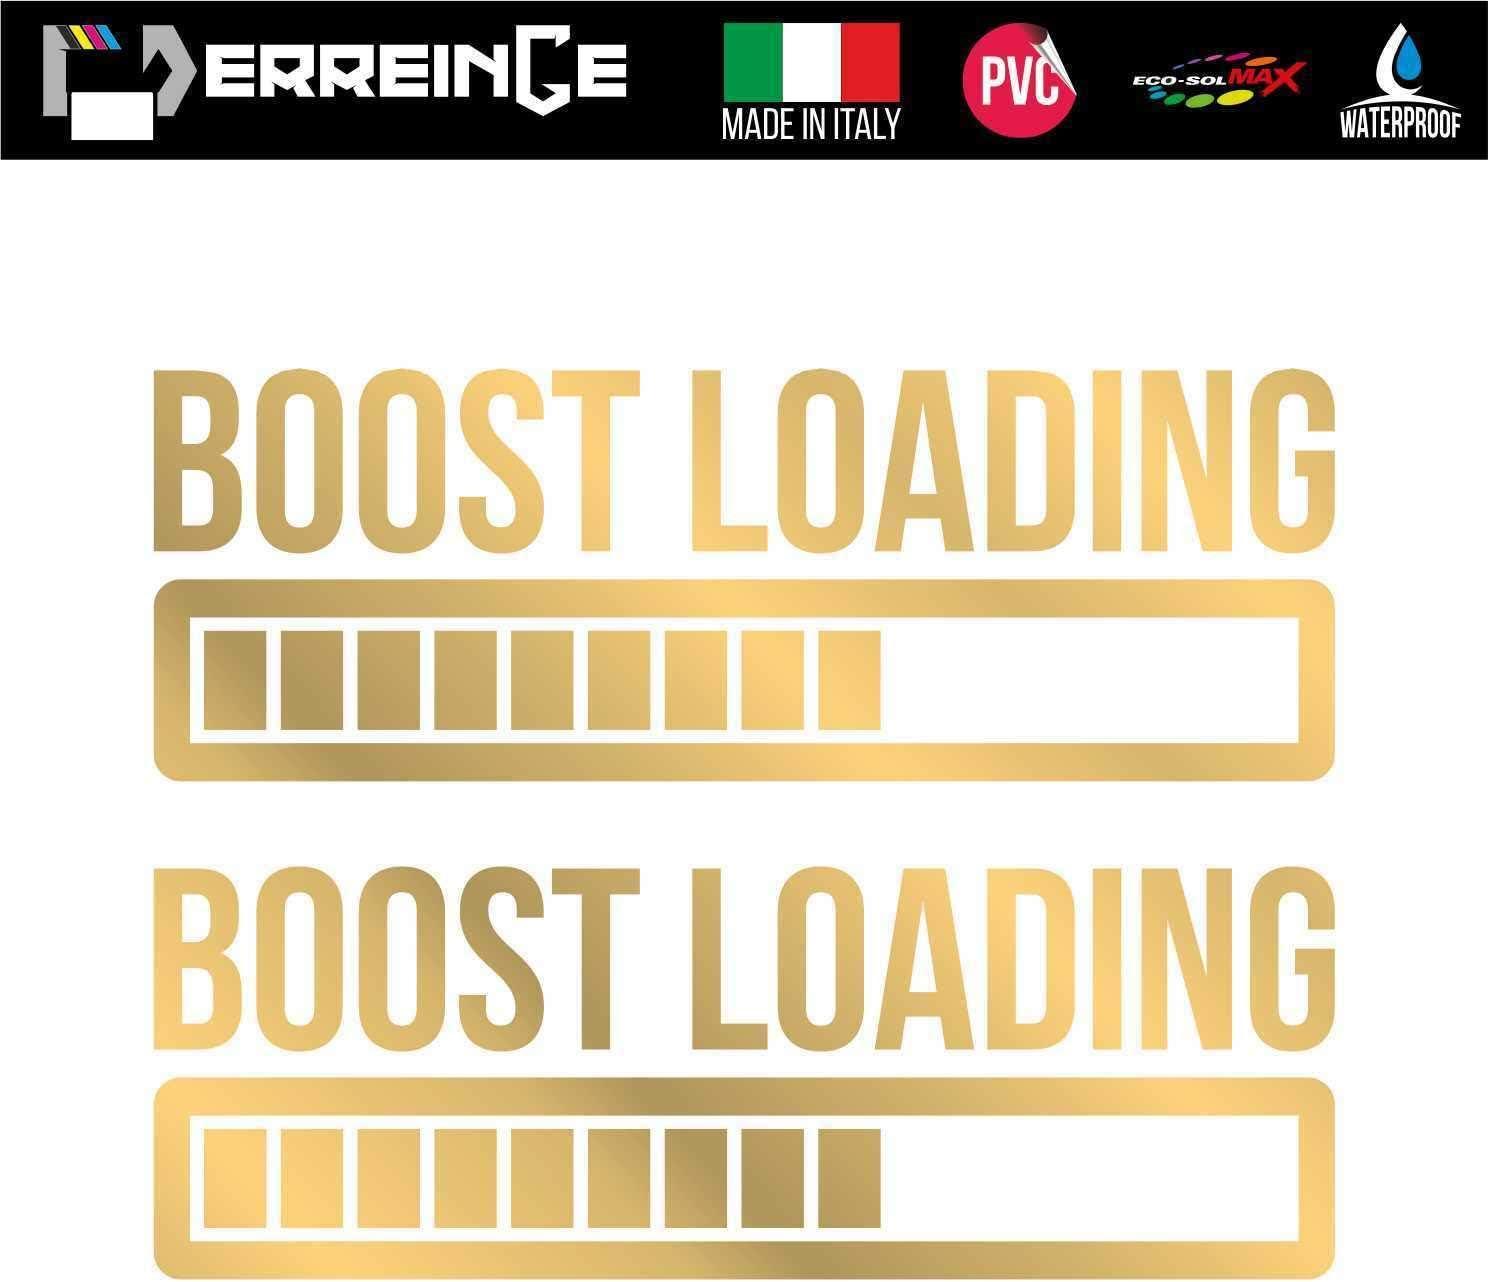 Adesivo Decal Decalcolmania Vinile Murale Laptop Auto Moto Casco Camper Boost Loading JDM DUB Tuning Racing ERREINGE x2 STICKER PRESPAZIATO ARANCIO FLUO 20cm